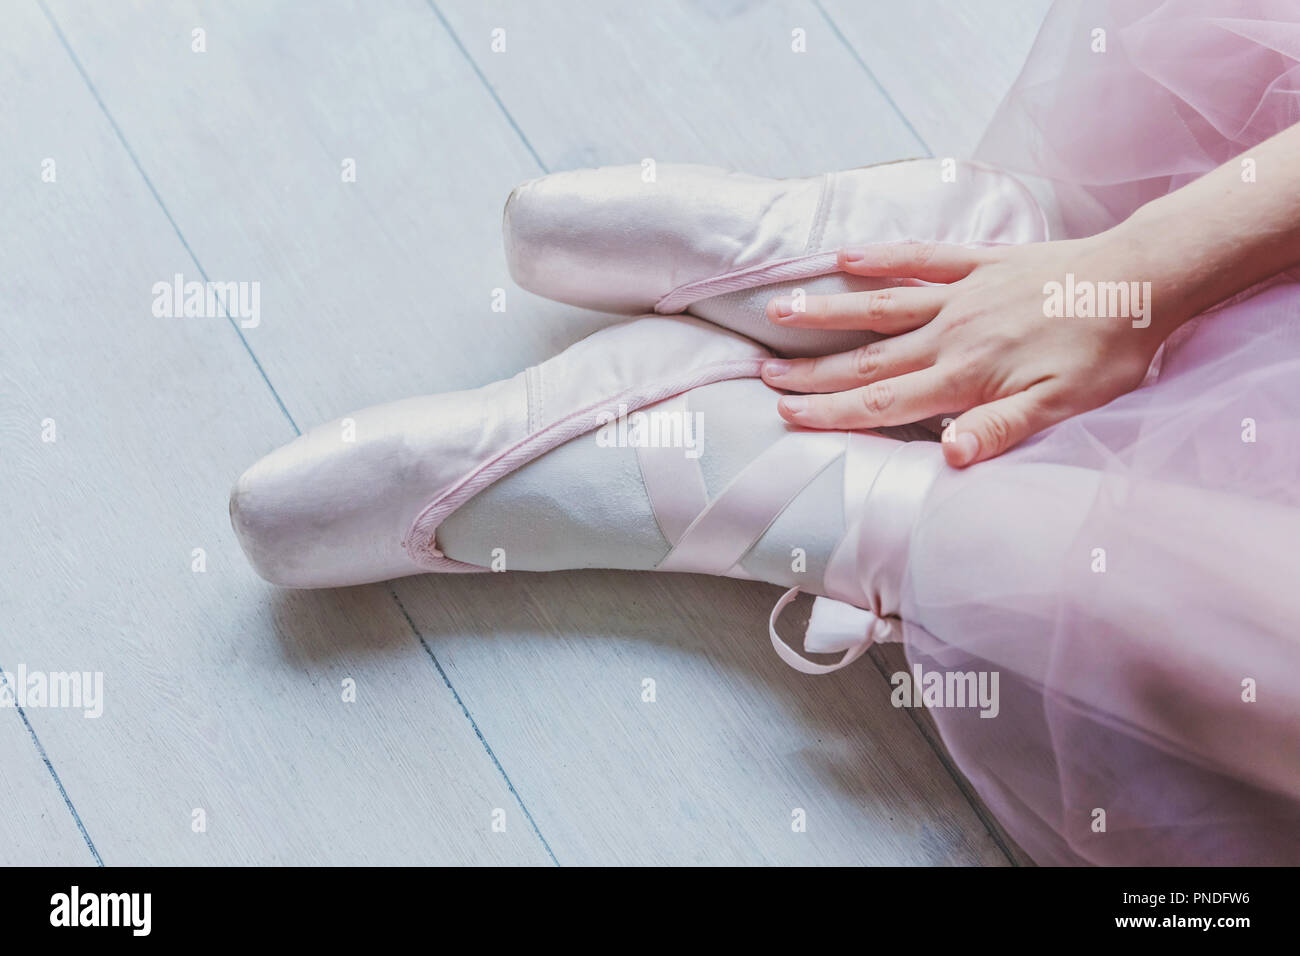 Hände von Ballerina in rosa Tutu Rock setzt auf pointe